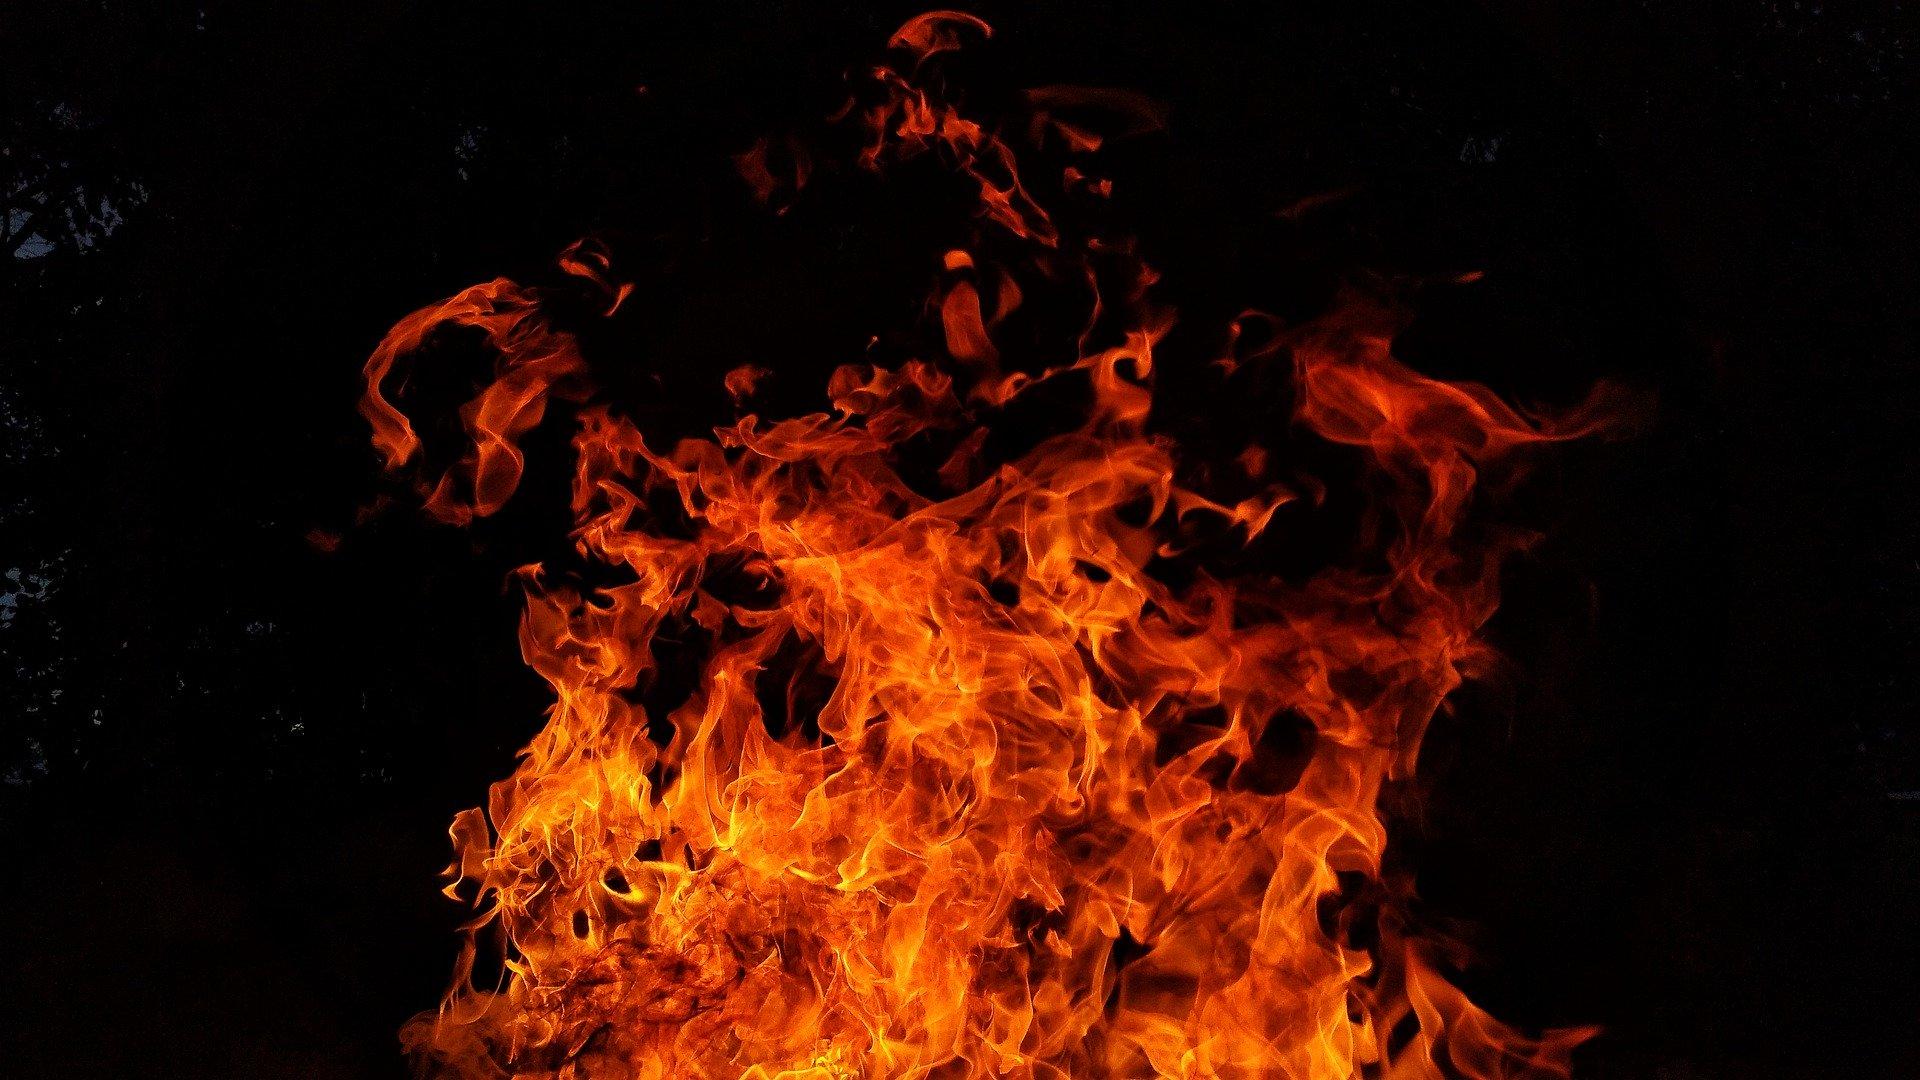 flammen_symbolbild_feuer_feuerwehr